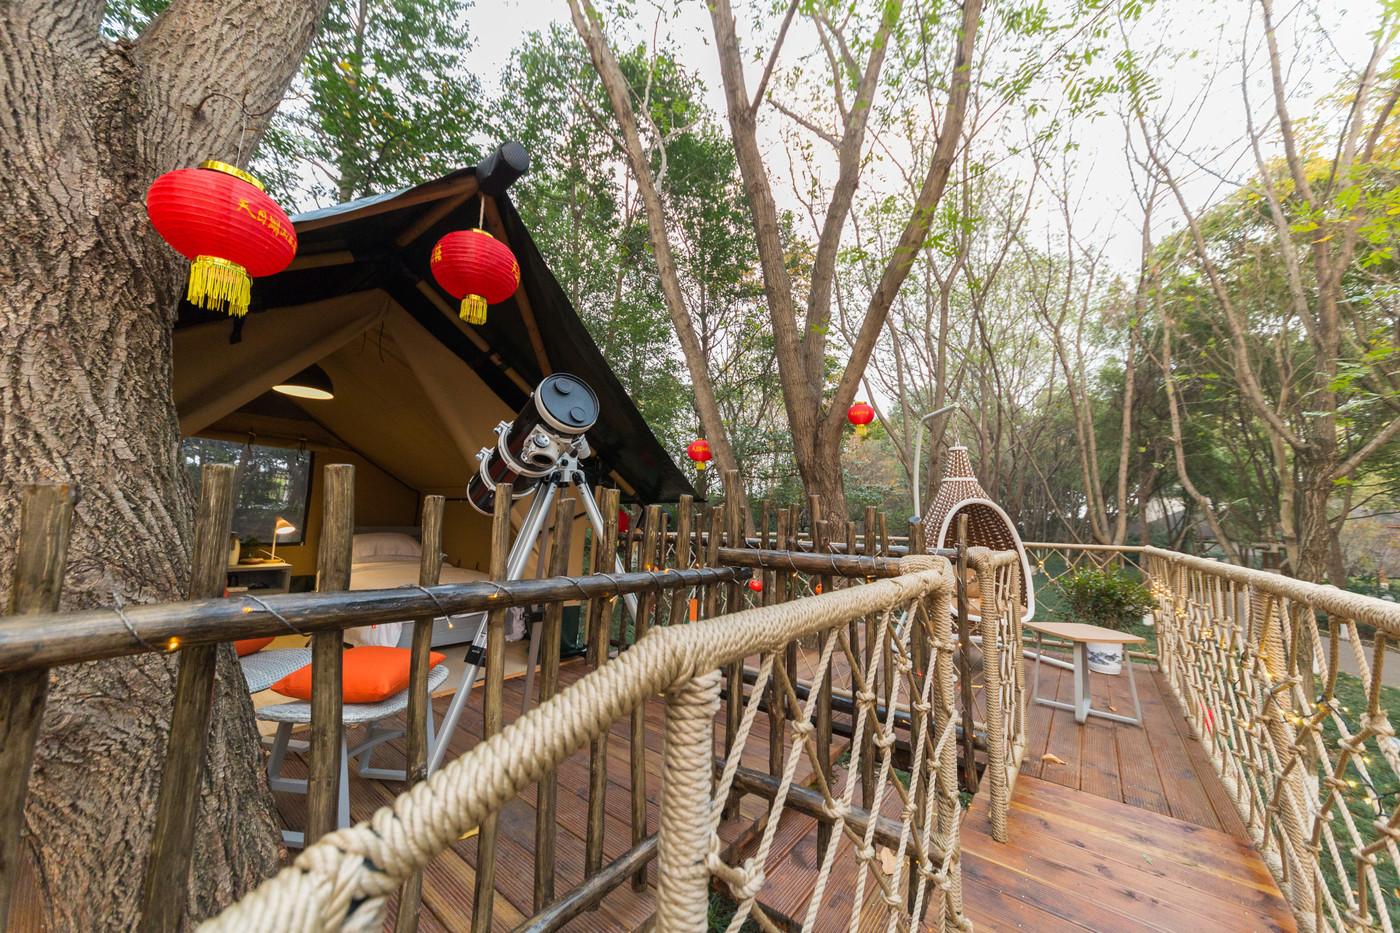 喜马拉雅野奢帐篷酒店—江苏常州天目湖树屋帐篷酒店10